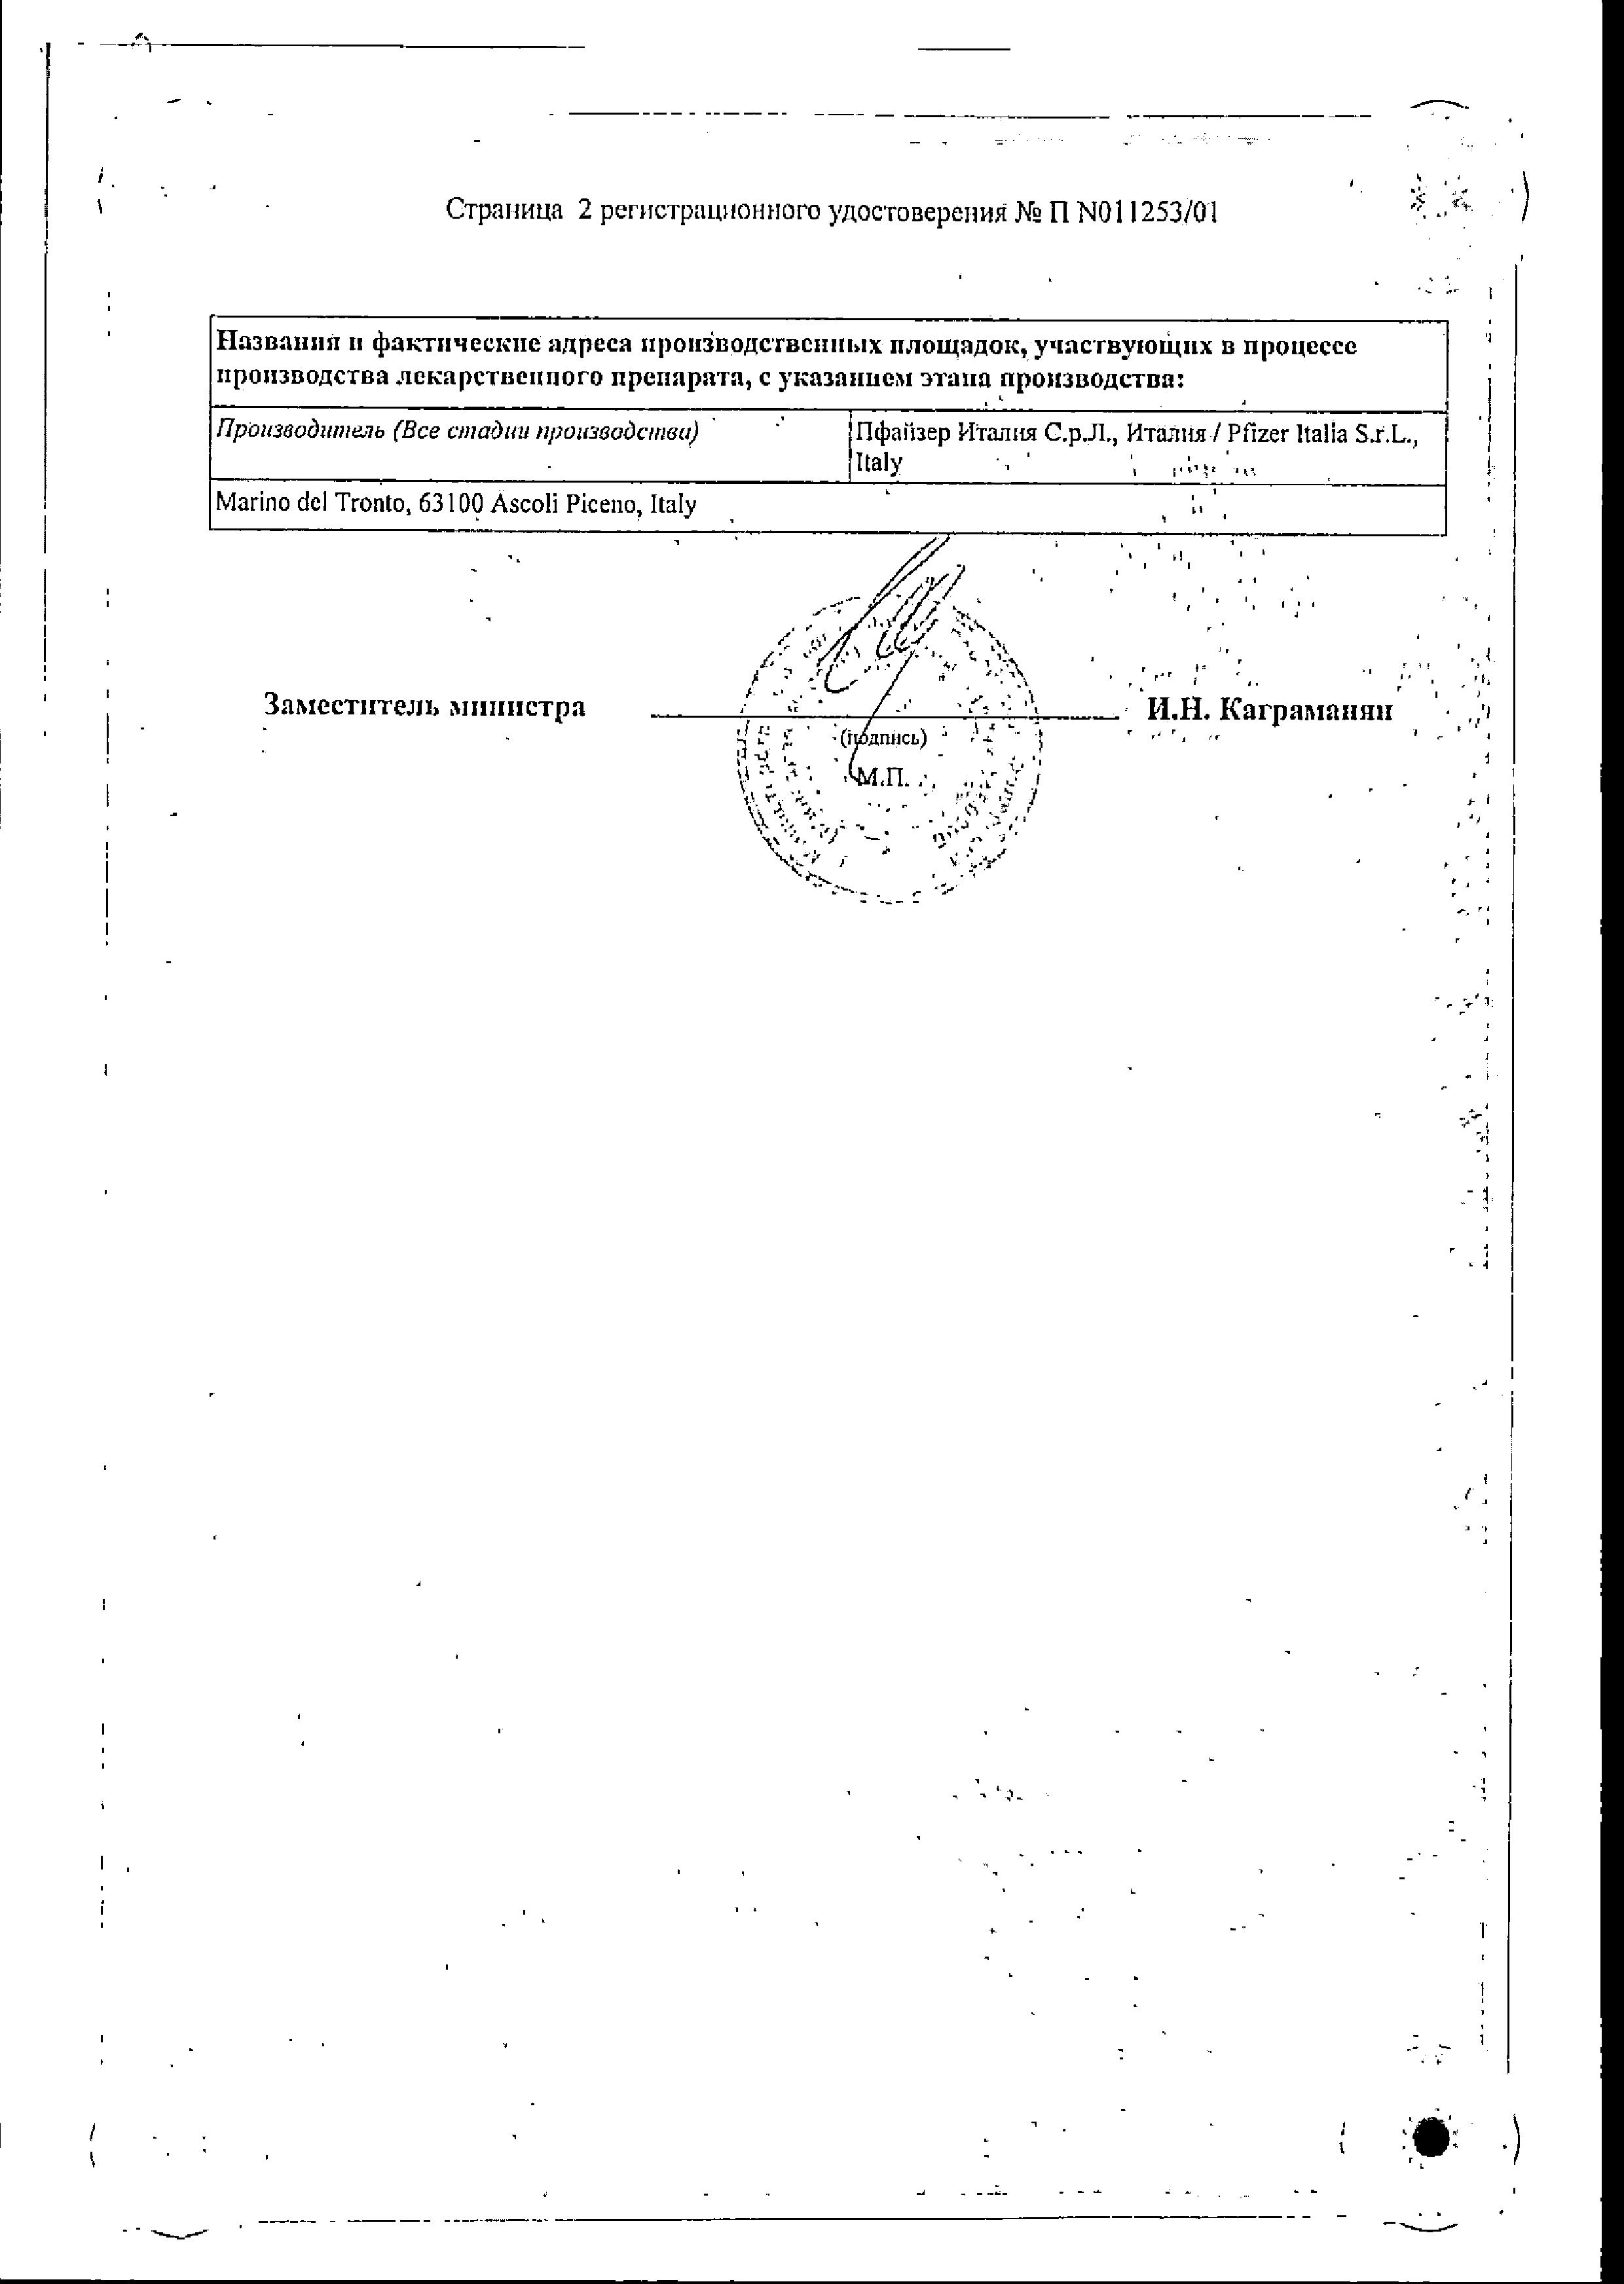 Сермион сертификат